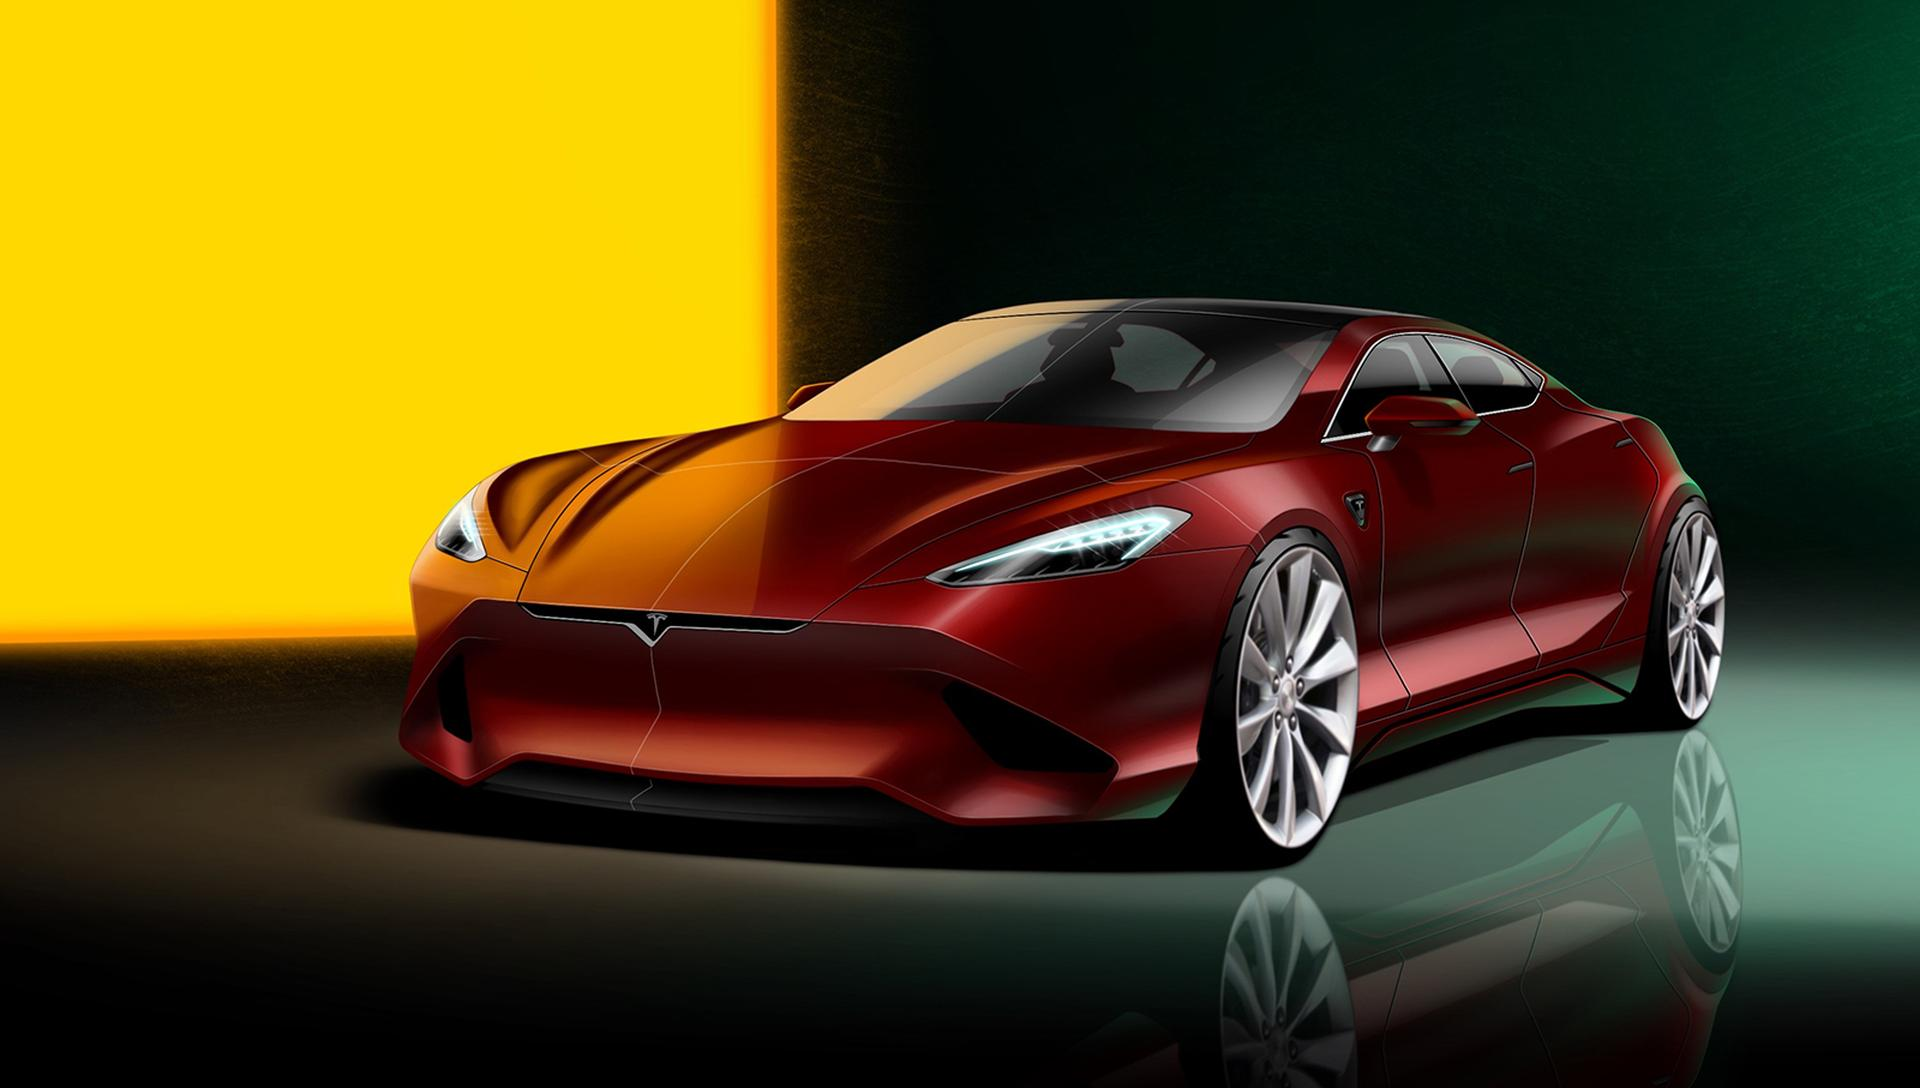 Giorgi Tedoradze zeigt seine nächste Generation des Tesla Model S